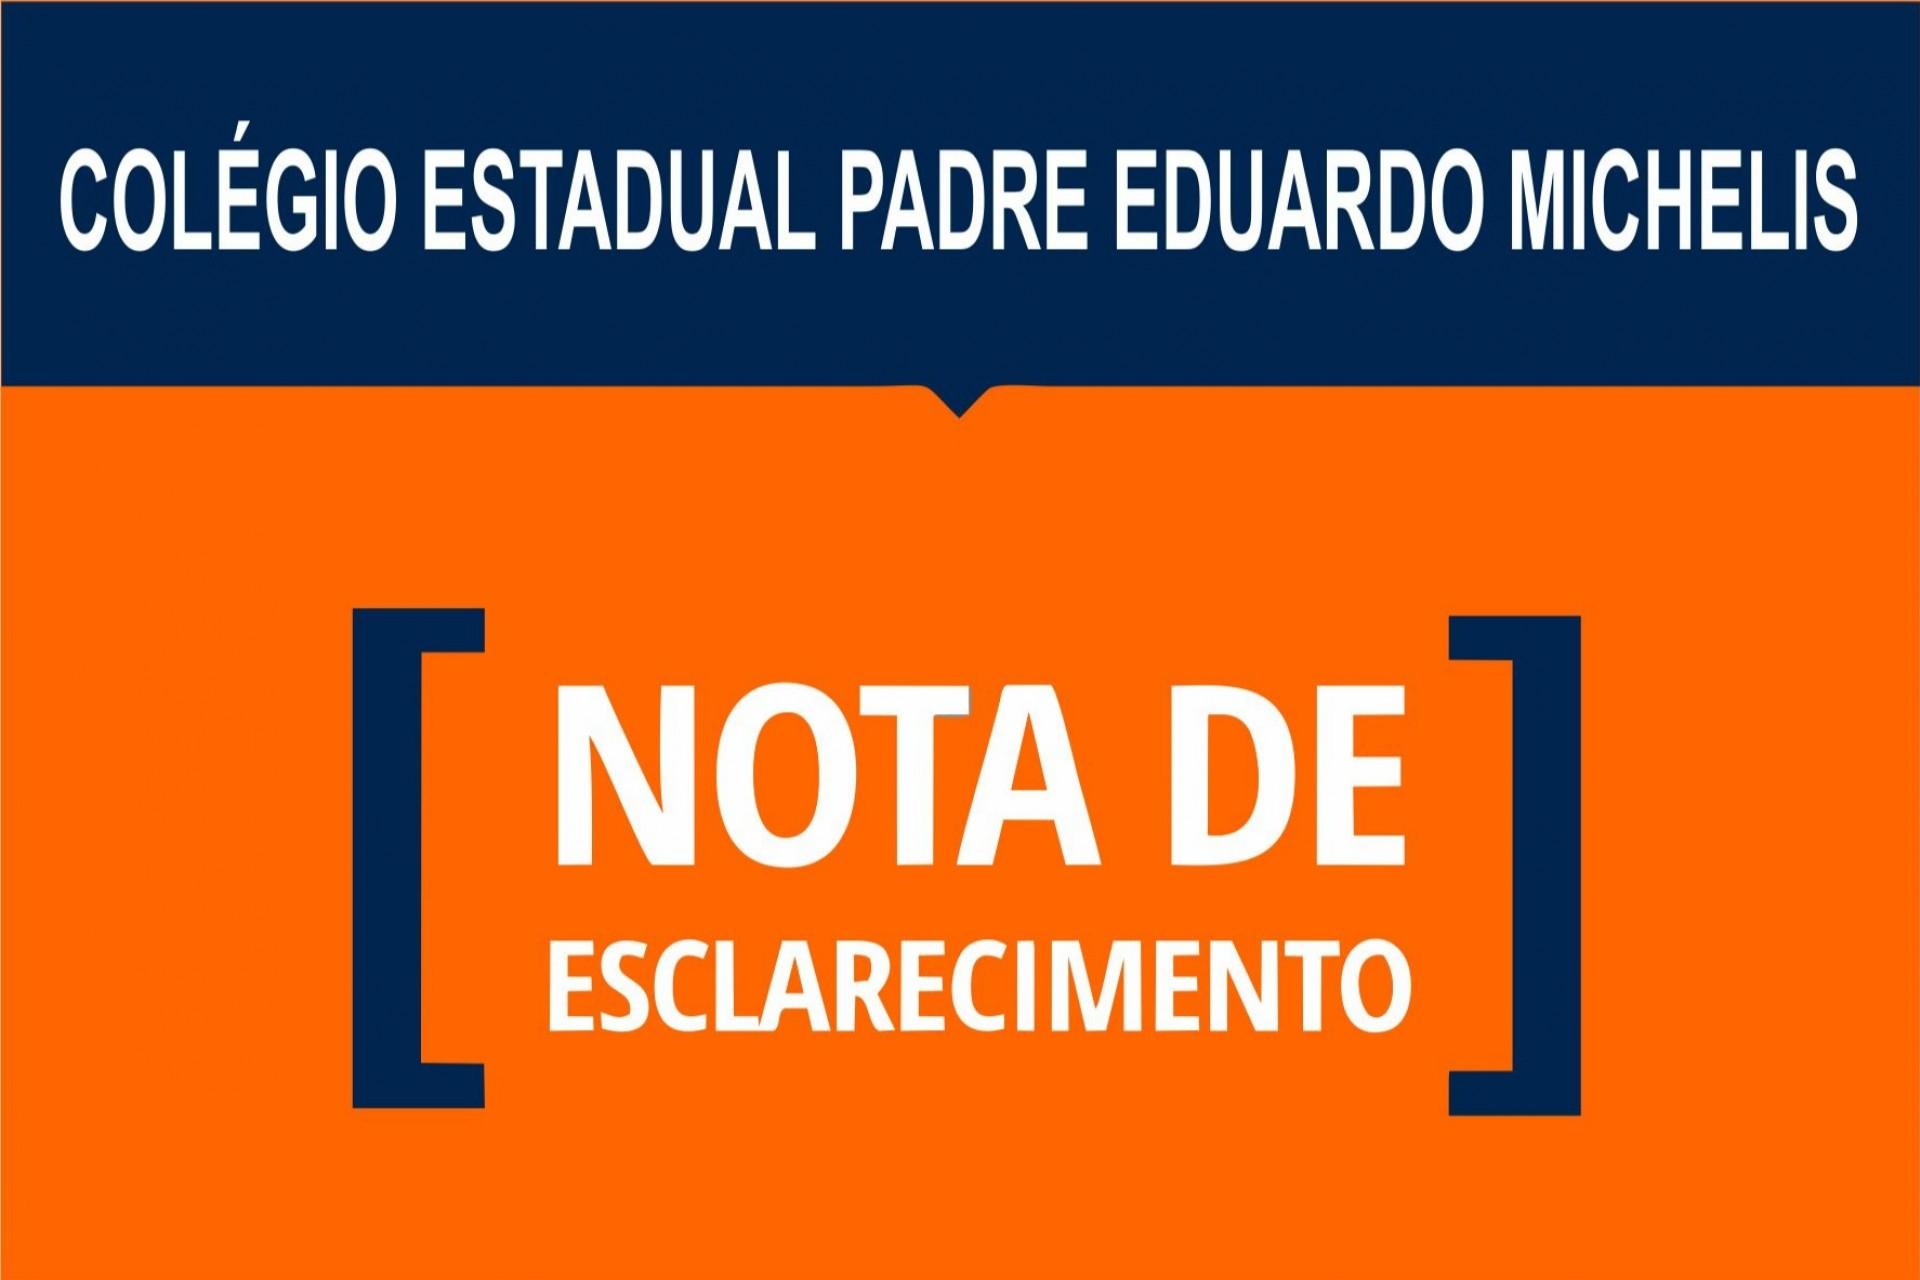 Nota de Esclarecimento sobre briga ocorrida no colégio dia 22/10